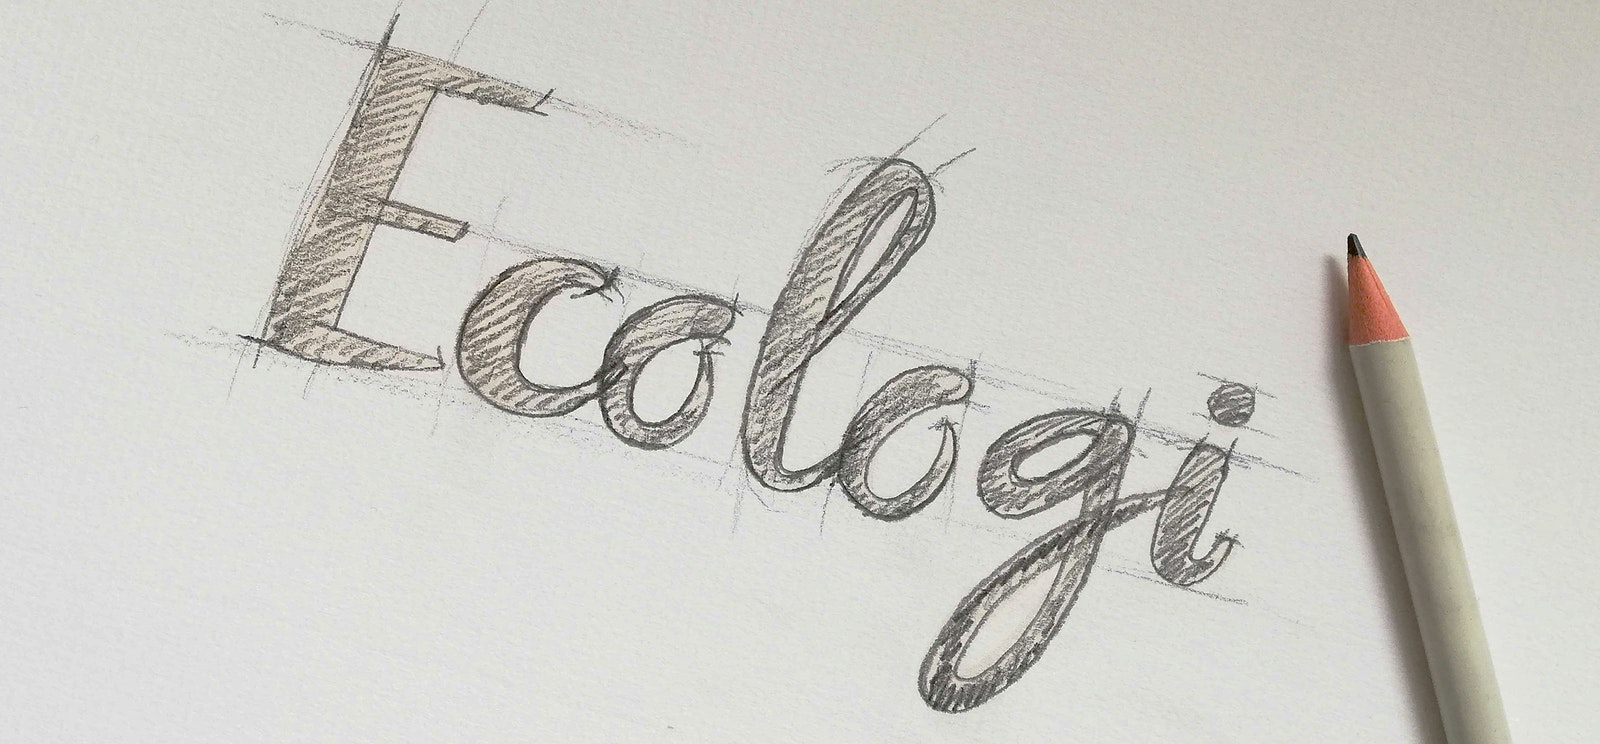 Ecologi logo sketch